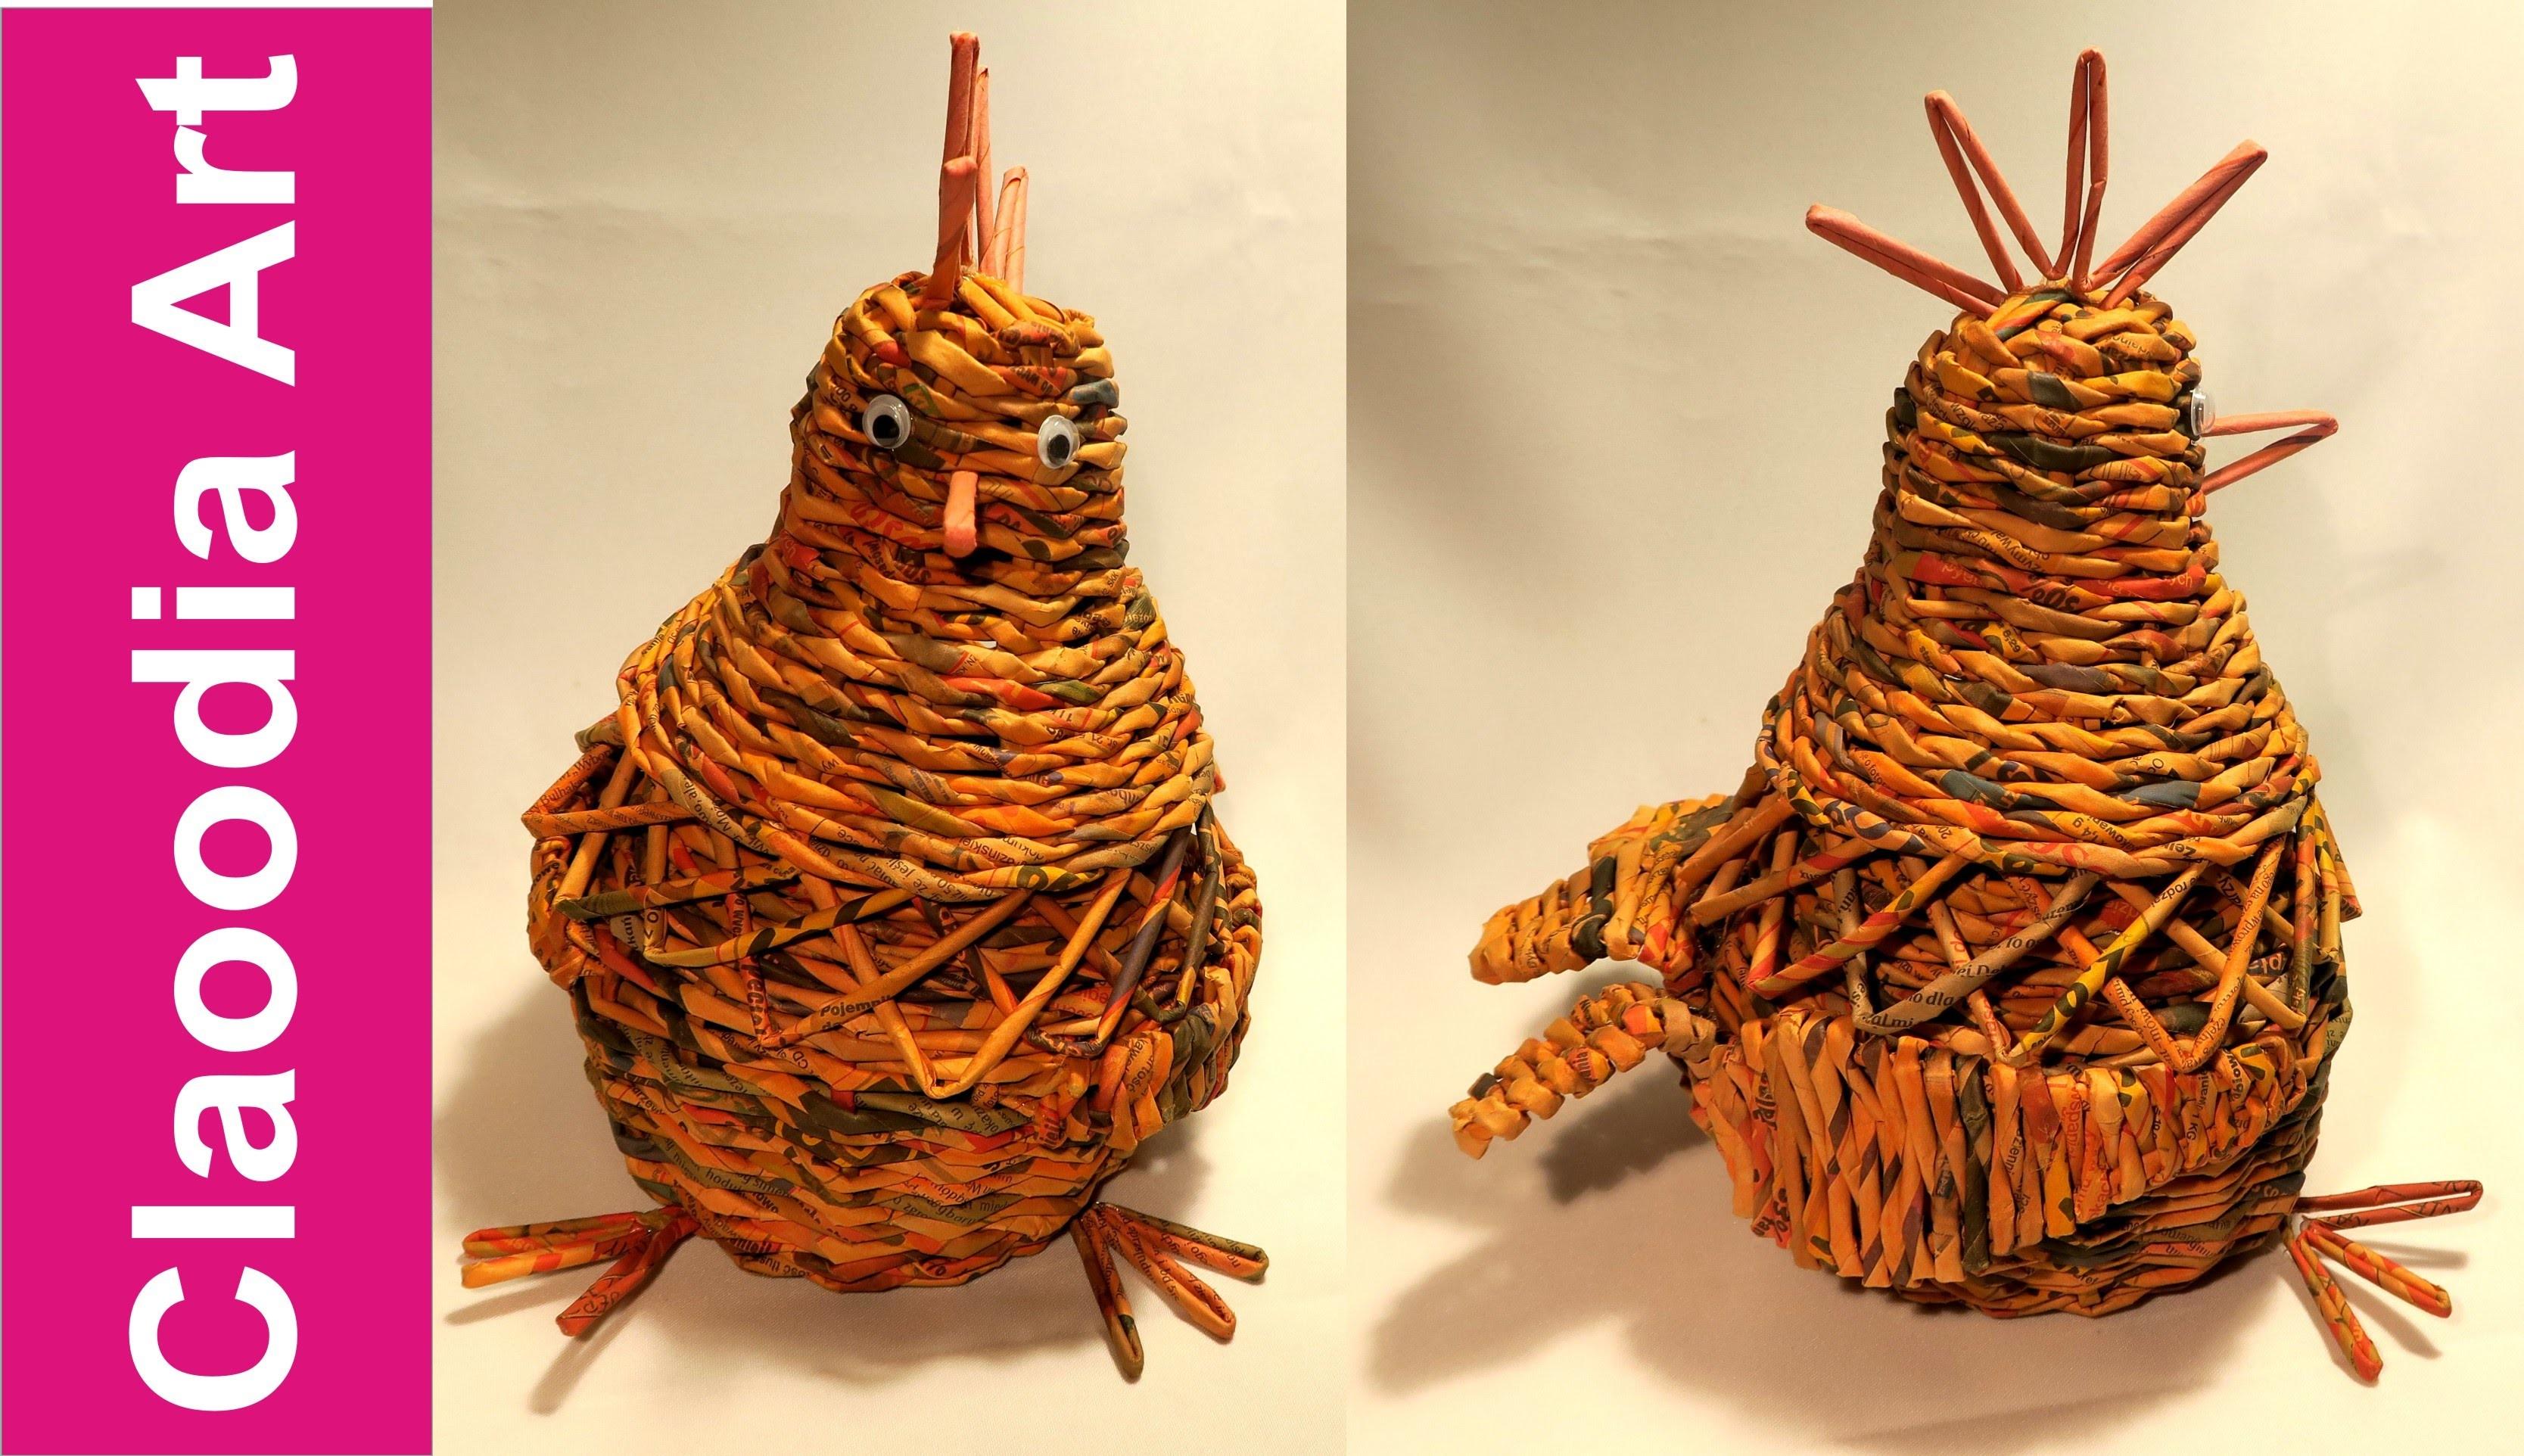 Kura z papierowej wikliny (hen, wicker paper)